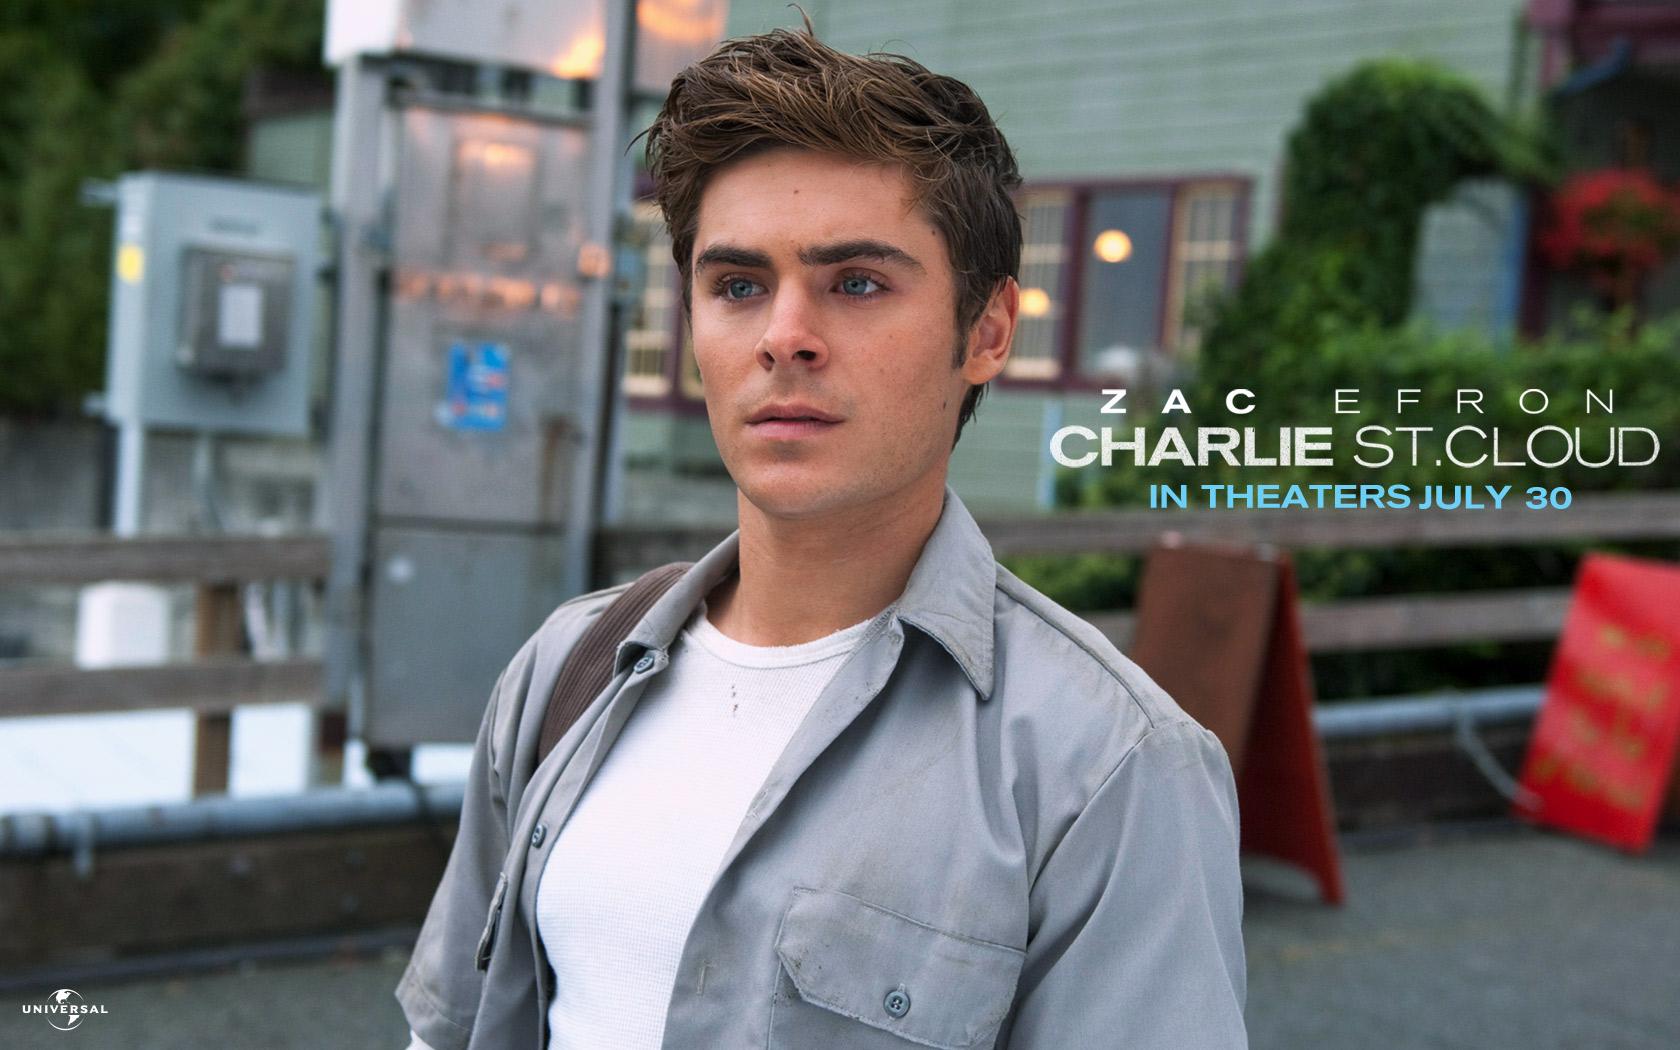 чарли сан клауда фото относят его доброкачественным